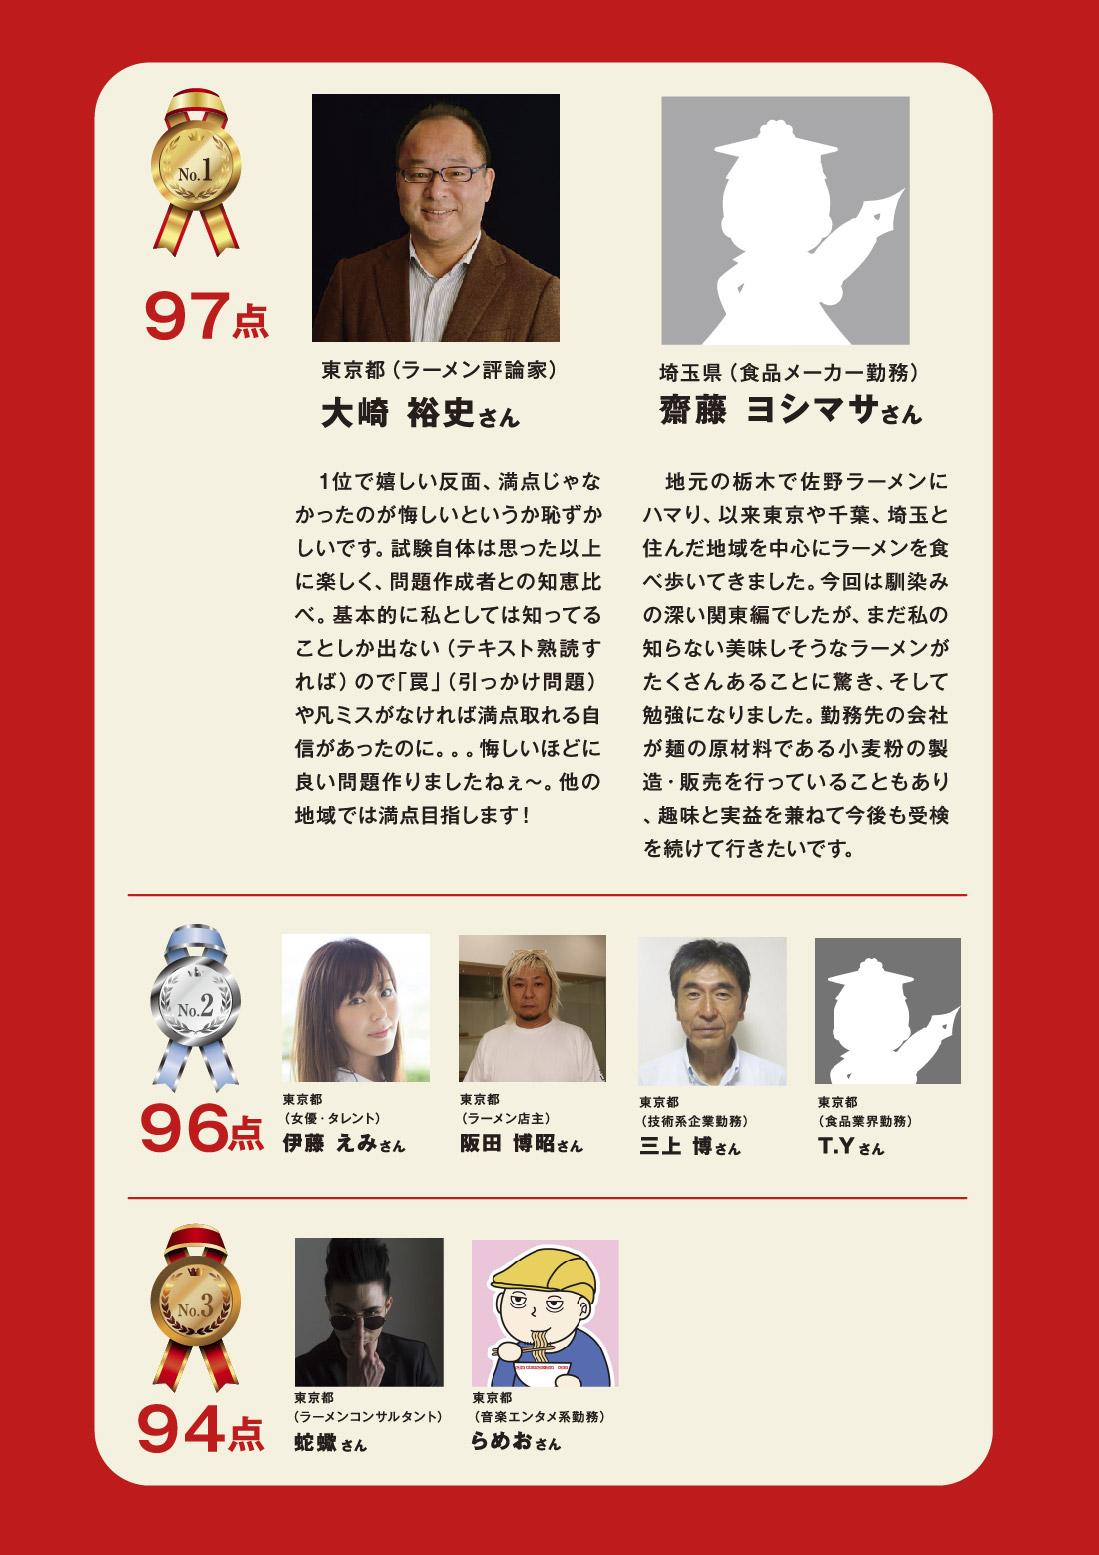 合格ランキング No.1 2019/07/11「日本ラーメン検定」第1回【中級】関東編合格者ランキング 97点 東京都(ラーメン評論家) 大崎 裕史さん 1位で嬉しい反面、満点じゃなかったのが悔しいというか恥ずかしいです。試験自体は思った以上に楽しく、問題作成者との知恵比べ。基本的に私としては知ってることしか出ない(テキスト熟読すれば)ので「罠」(引っかけ問題)や凡ミスがなければ満点取れる自信があったのに...悔しいほどに良い問題作りましたねぇ〜。他の地域では満点目指します! 埼玉県(食品メーカー勤務) 齋藤ヨシマサさん この様な紹介の場をいただき大変光栄です。地元の栃木で佐野ラーメンにハマり、以来東京や千葉、埼玉と住んだ地域を中心にラーメンを食べ歩いてきました。今回は馴染みの深い関東編でしたが、まだ私の知らない美味しそうなラーメンがたくさんあることに驚き、そして勉強になりました。勤務先の会社が麺の原材料である小麦粉の製造・販売を行っていることもあり、趣味と実益を兼ねて今後も受検を続けて行きたいです。 No.2 96点 東京都(女優・タレント)伊藤えみさん 東京都(ラーメン店主)阪田博昭さん 東京都(技術系企業勤務)三上博さん 東京都(食品業界勤務)T.Yさん No.3 94点 東京都(ラーメンコンサルタント)蛇蠍さん 東京都(音楽エンタメ系勤務)らめおさん